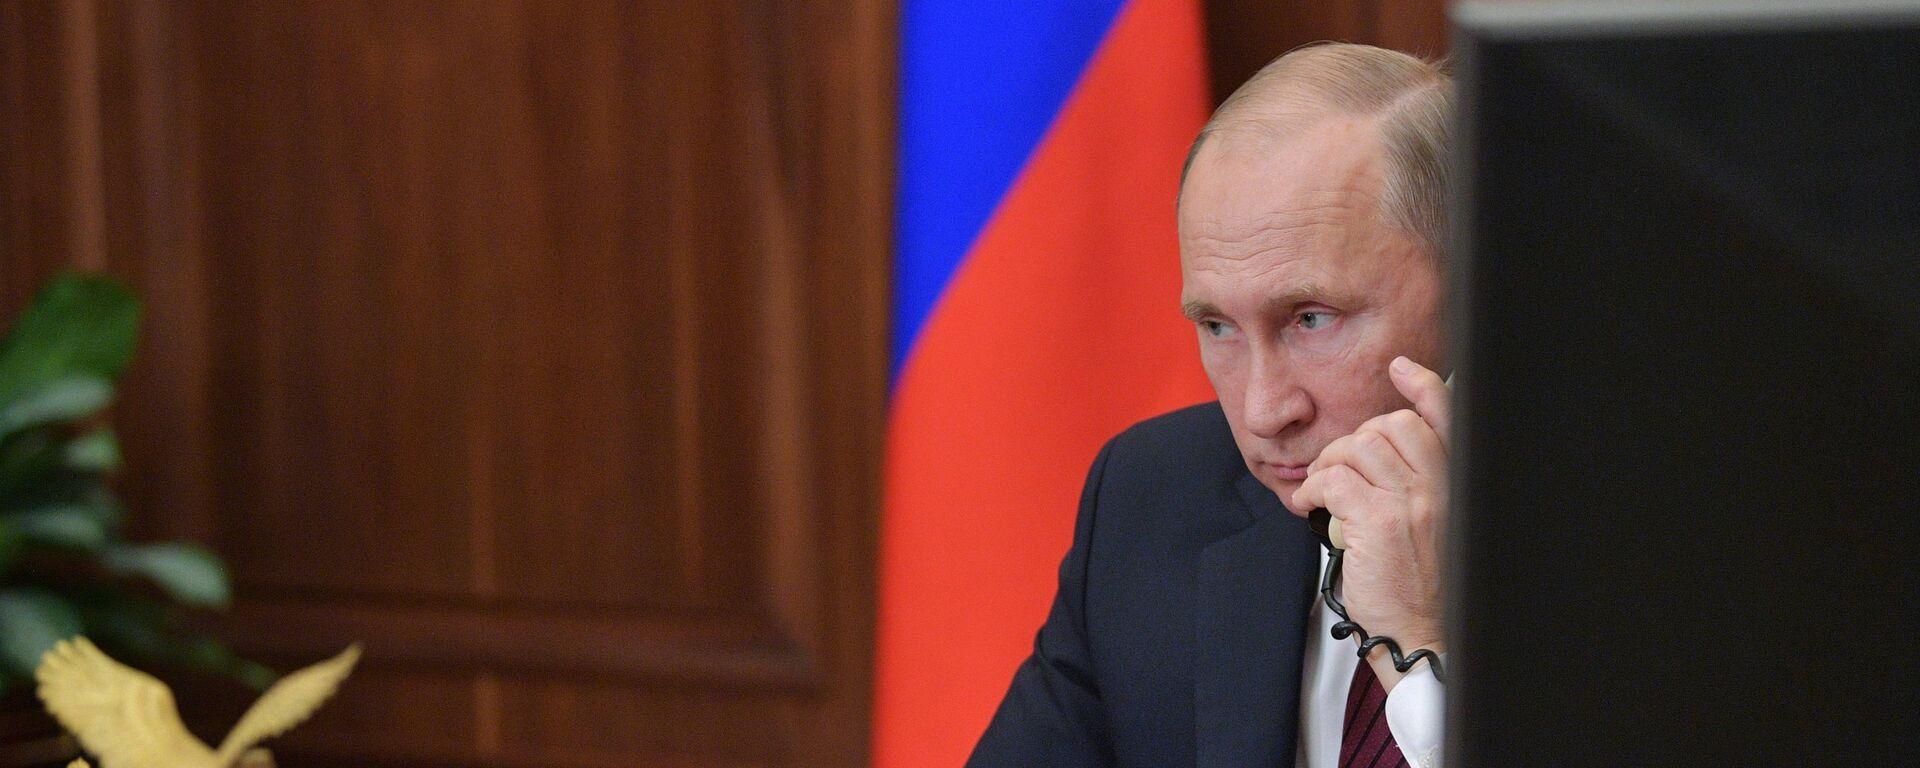 Президент РФ Владимир Путин, архивное фото - Sputnik Таджикистан, 1920, 07.07.2021